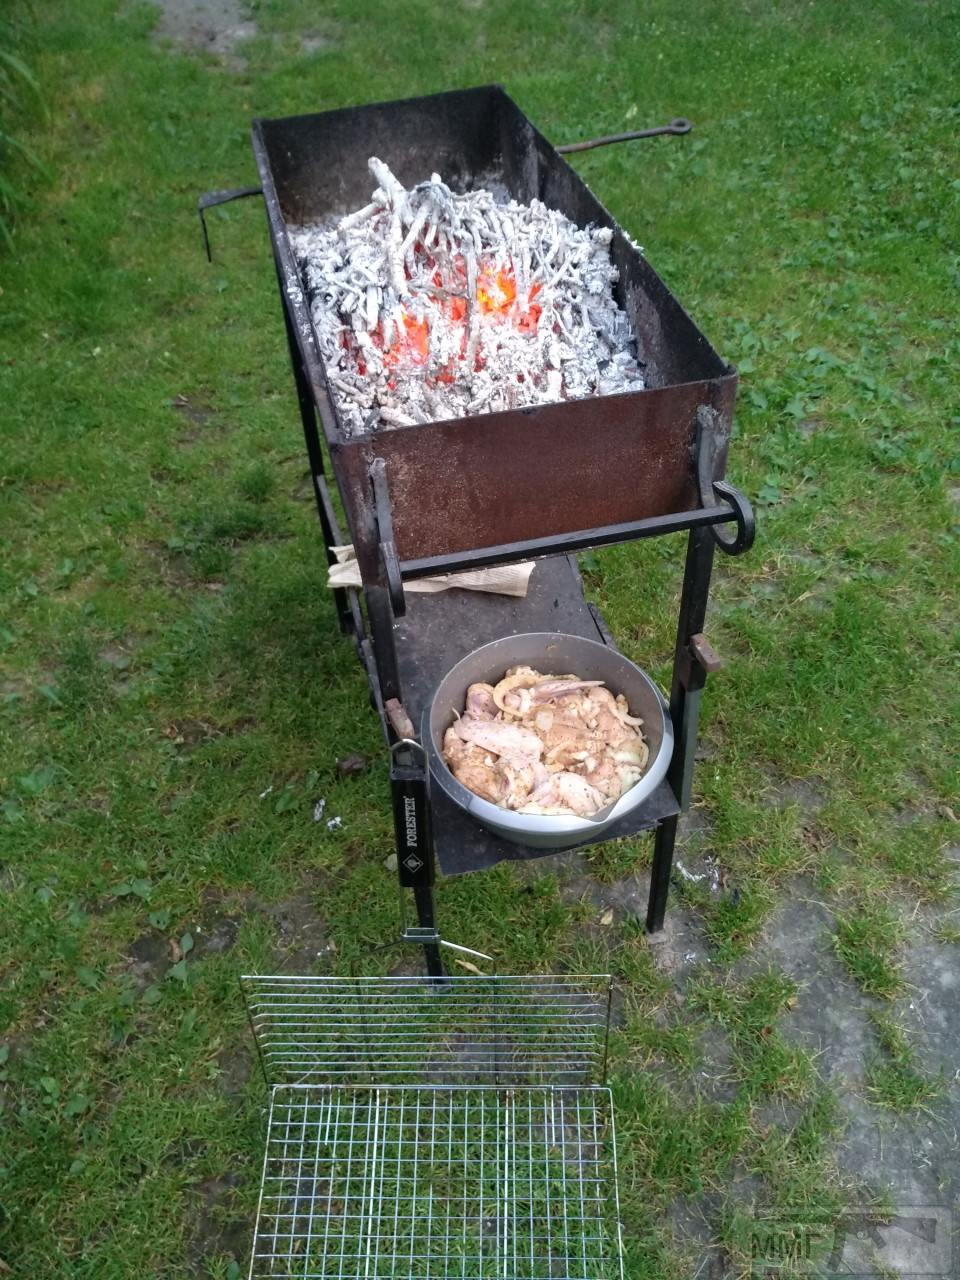 106951 - Закуски на огне (мангал, барбекю и т.д.) и кулинария вообще. Советы и рецепты.